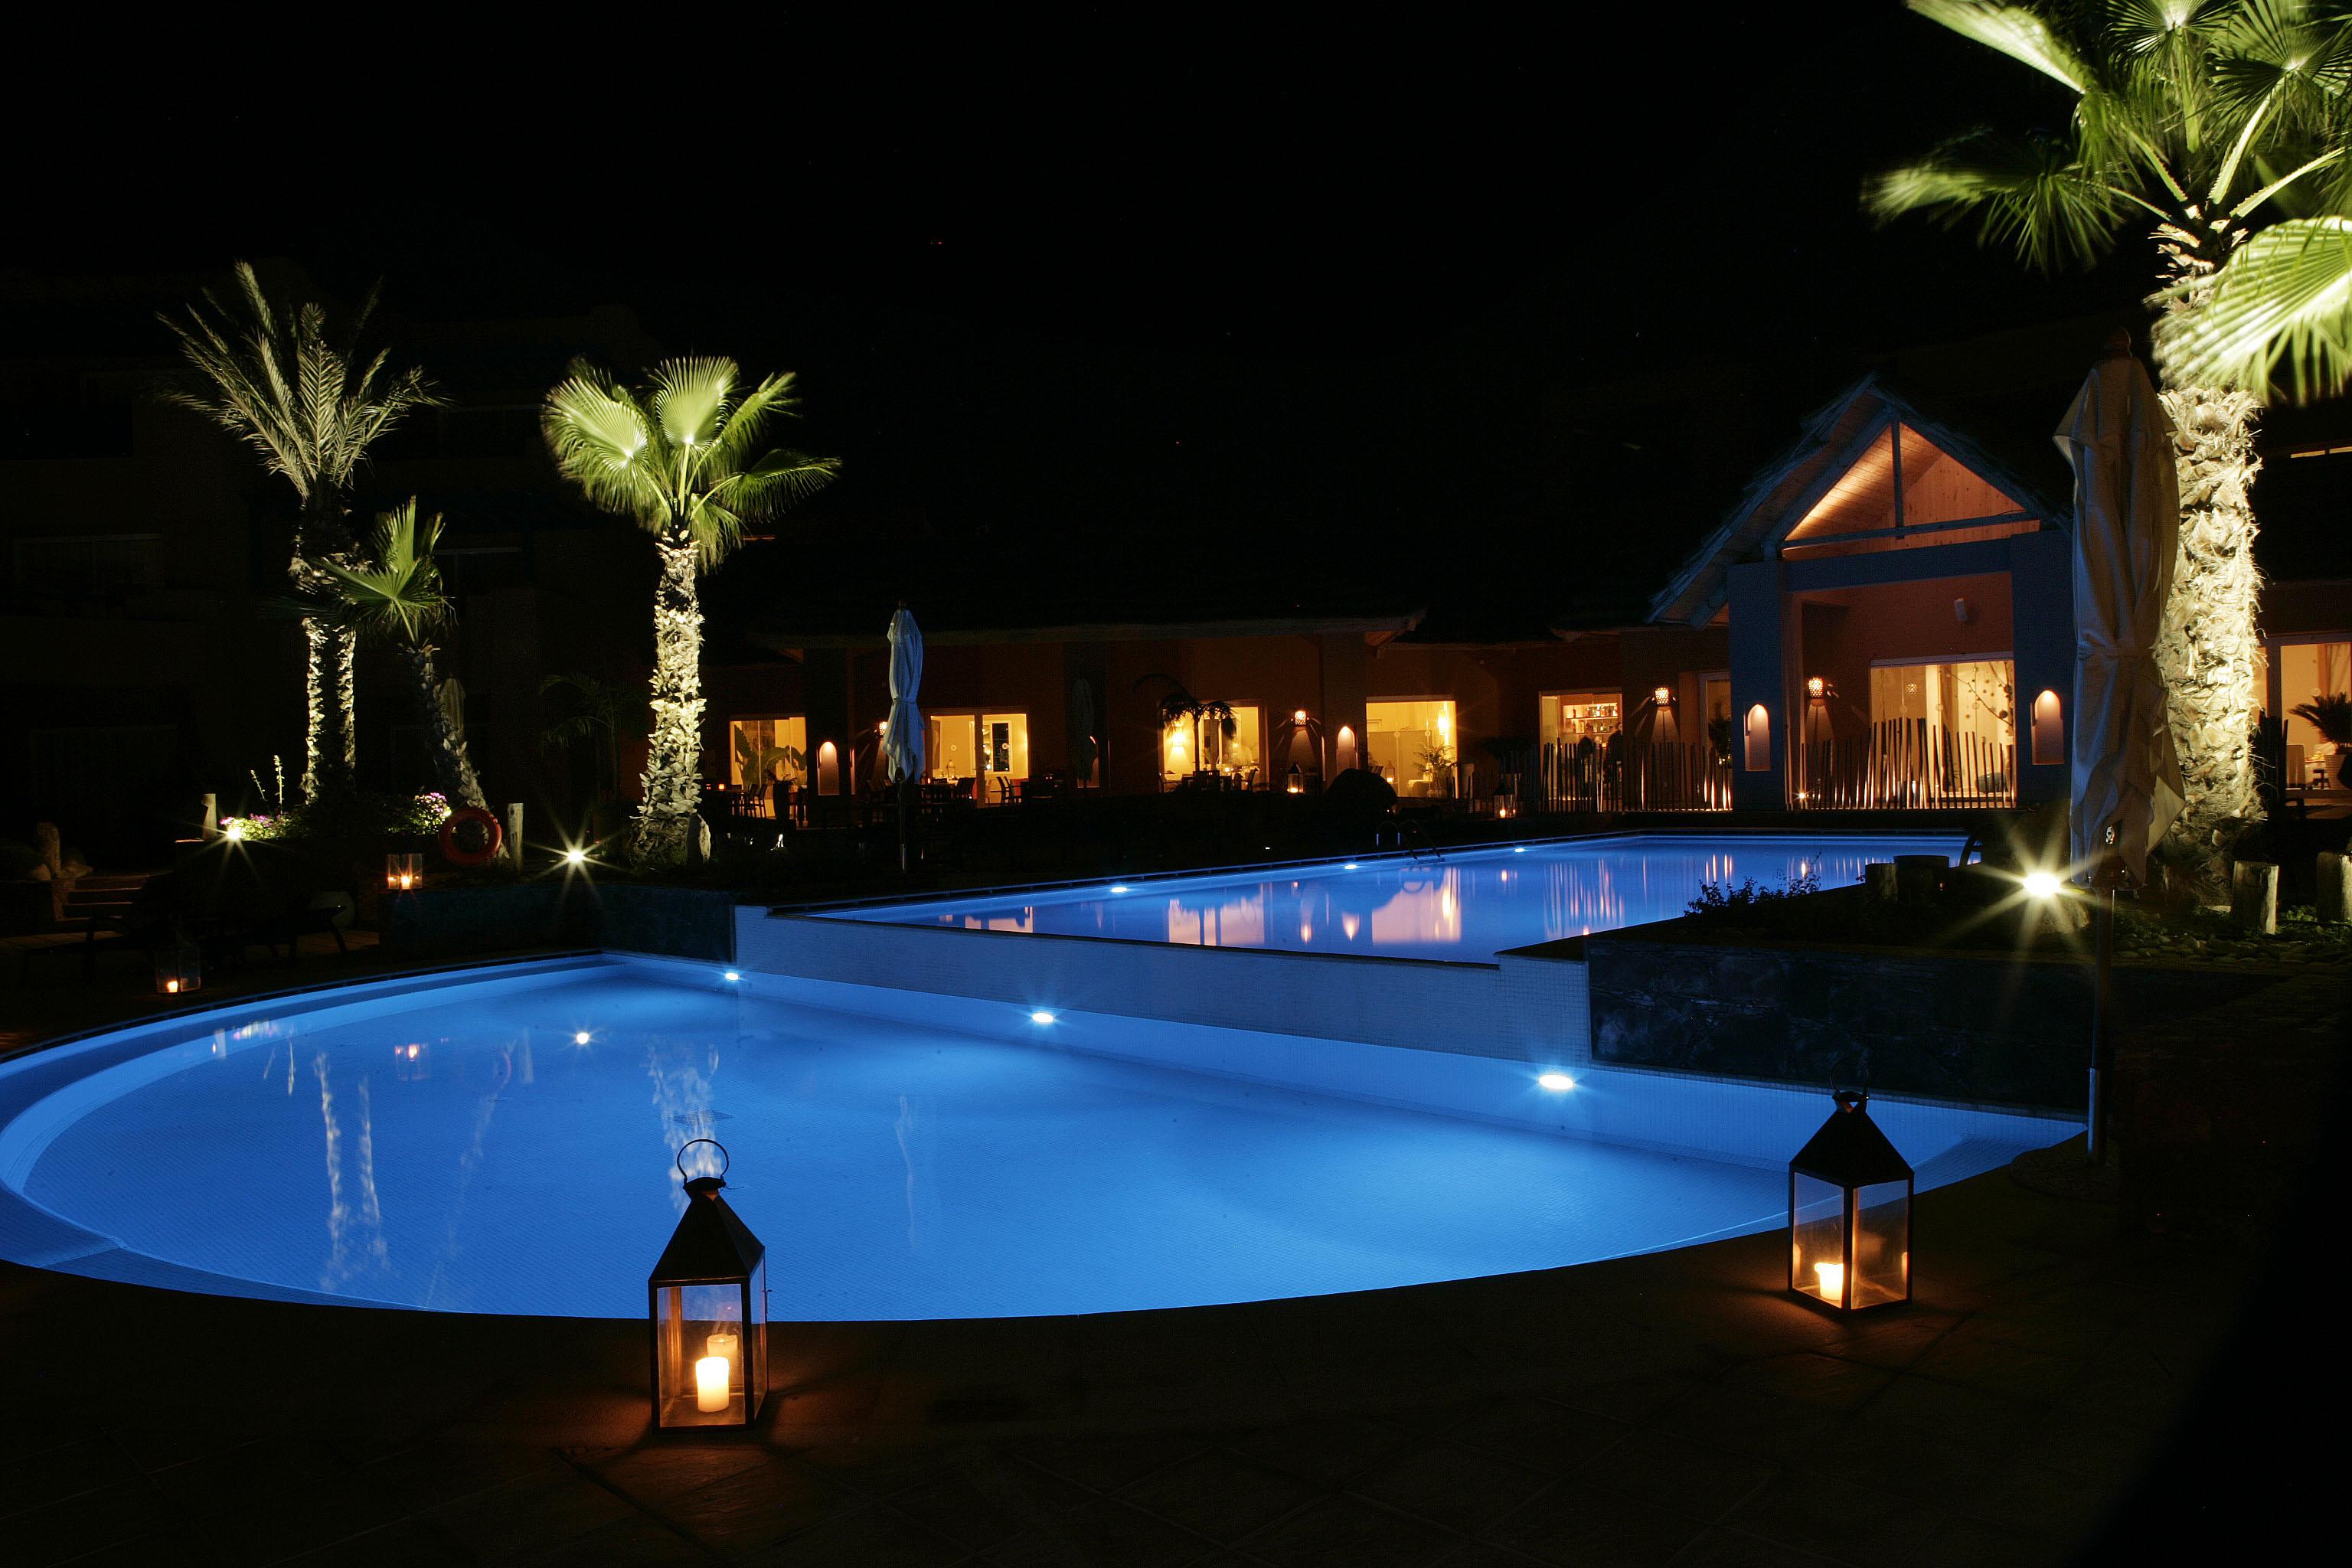 paradis-plage-agadir-pool-at-night